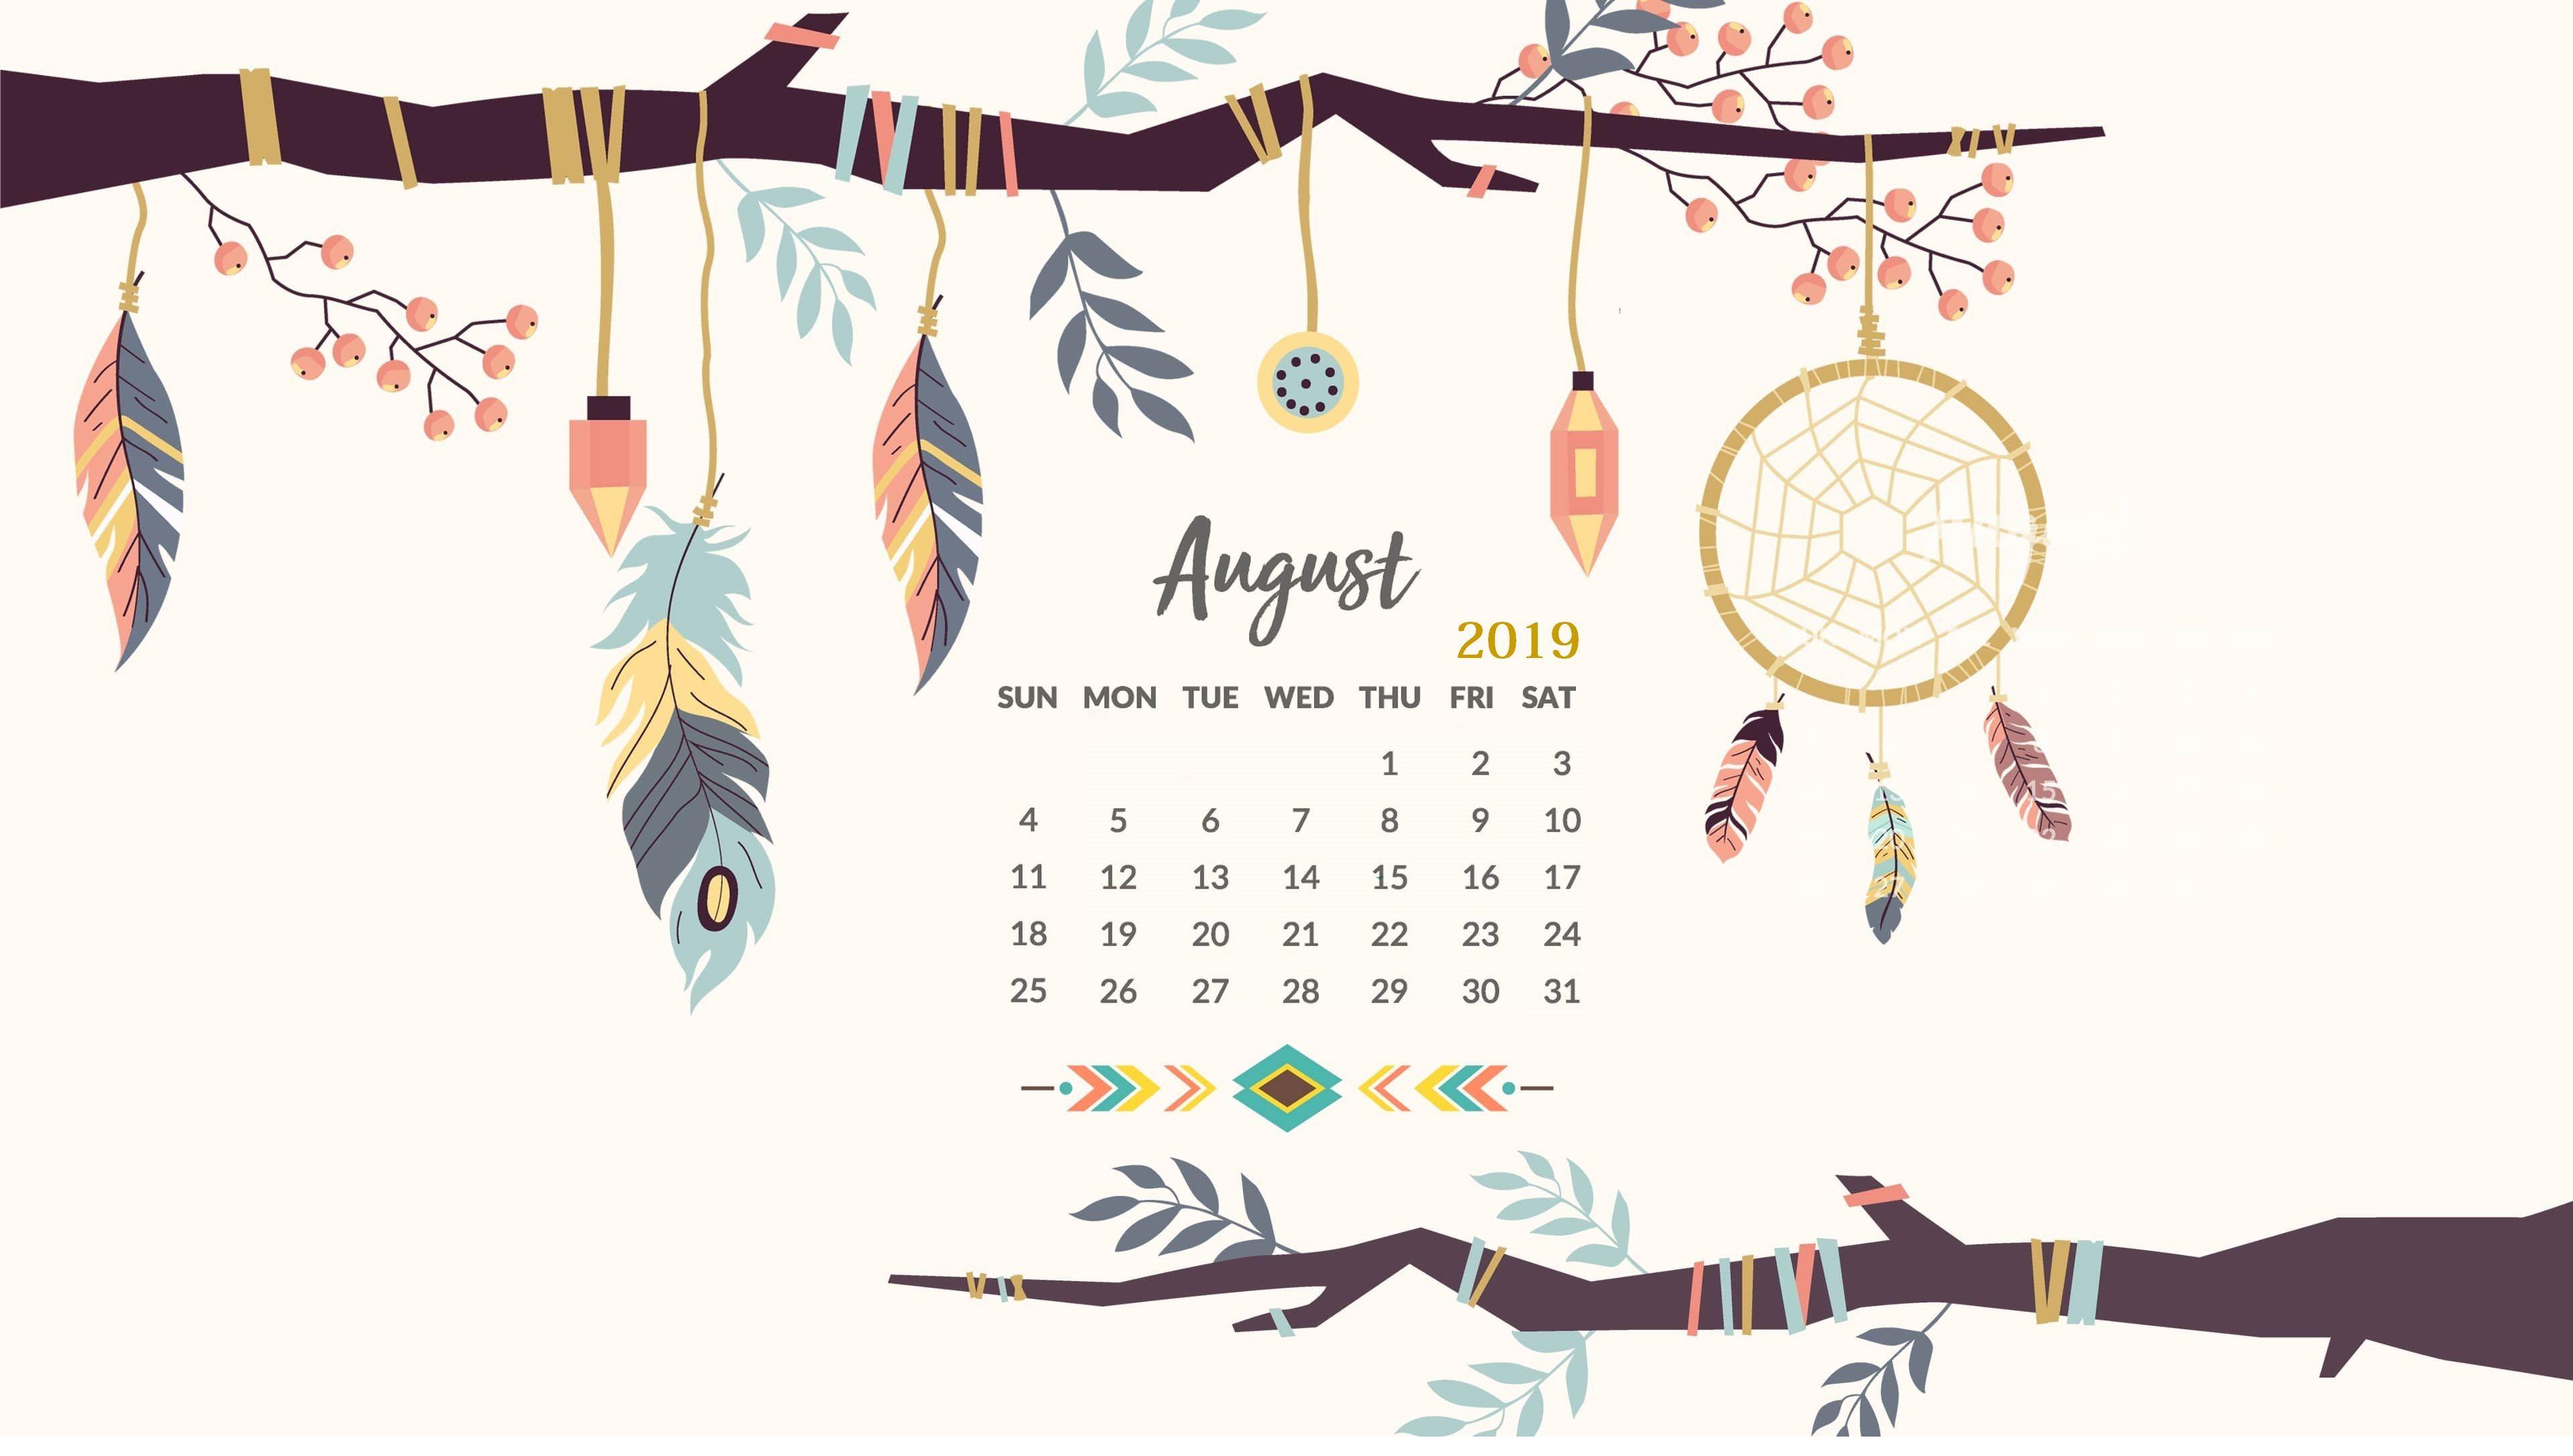 August 2019 Hd Calendar Wallpaper Wall Calendar In 2019